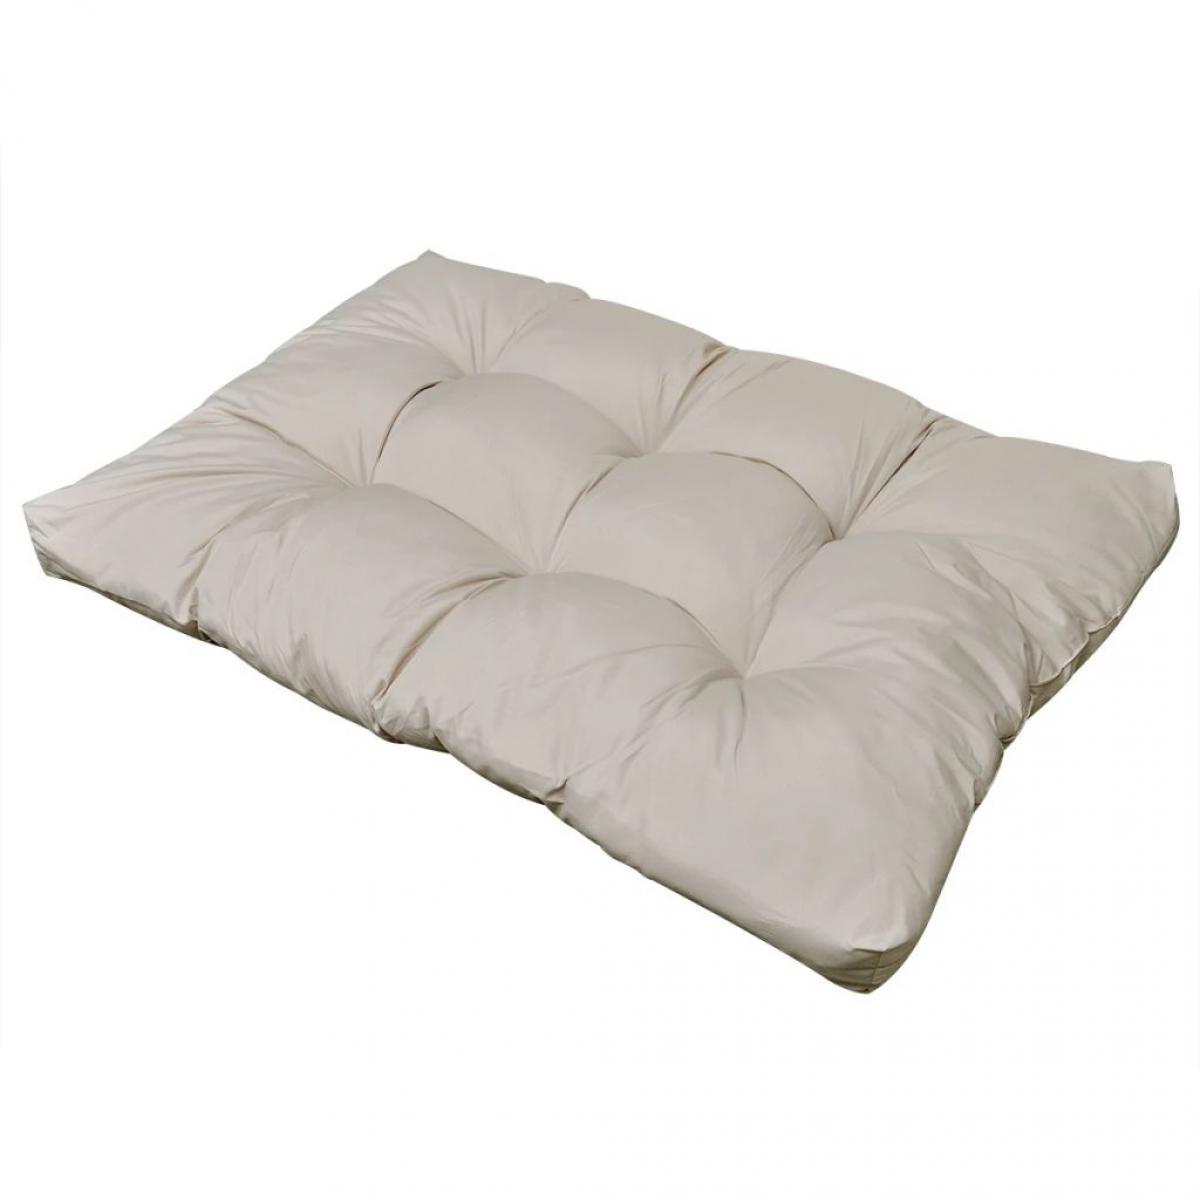 Vidaxl Coussin d'assise rembourré blanc sable 120 x 80 x 10 cm - Blanc